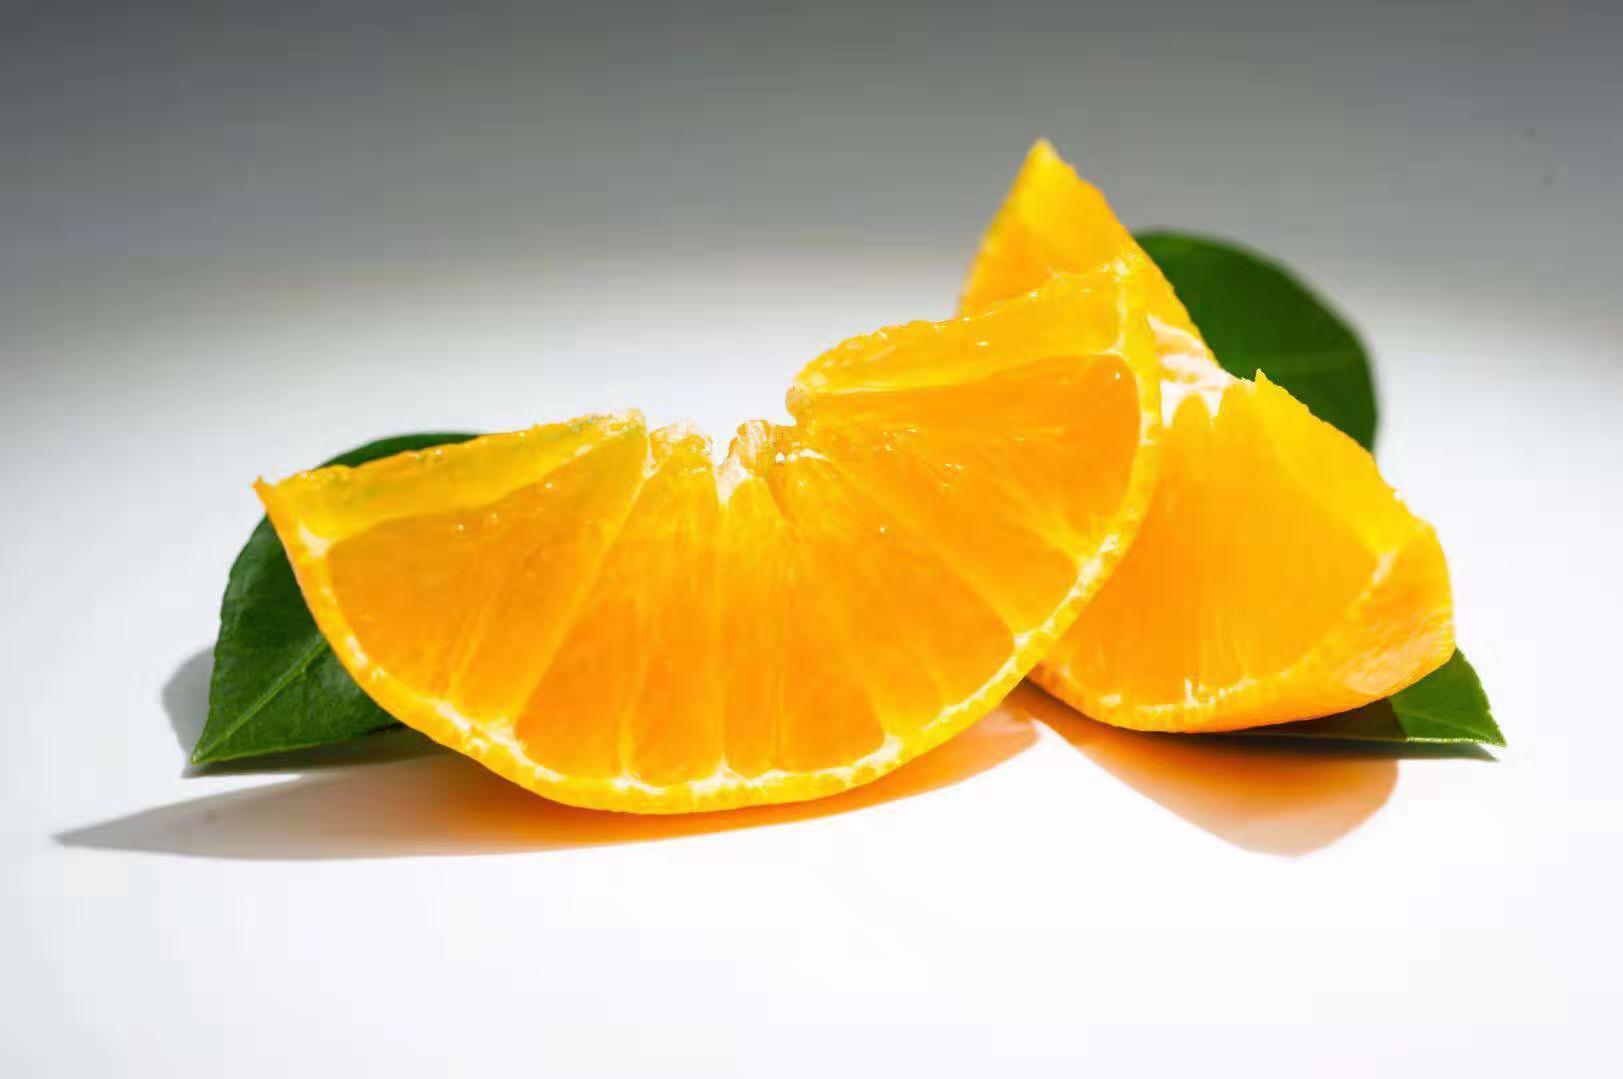 淮安柑橘,柑橘